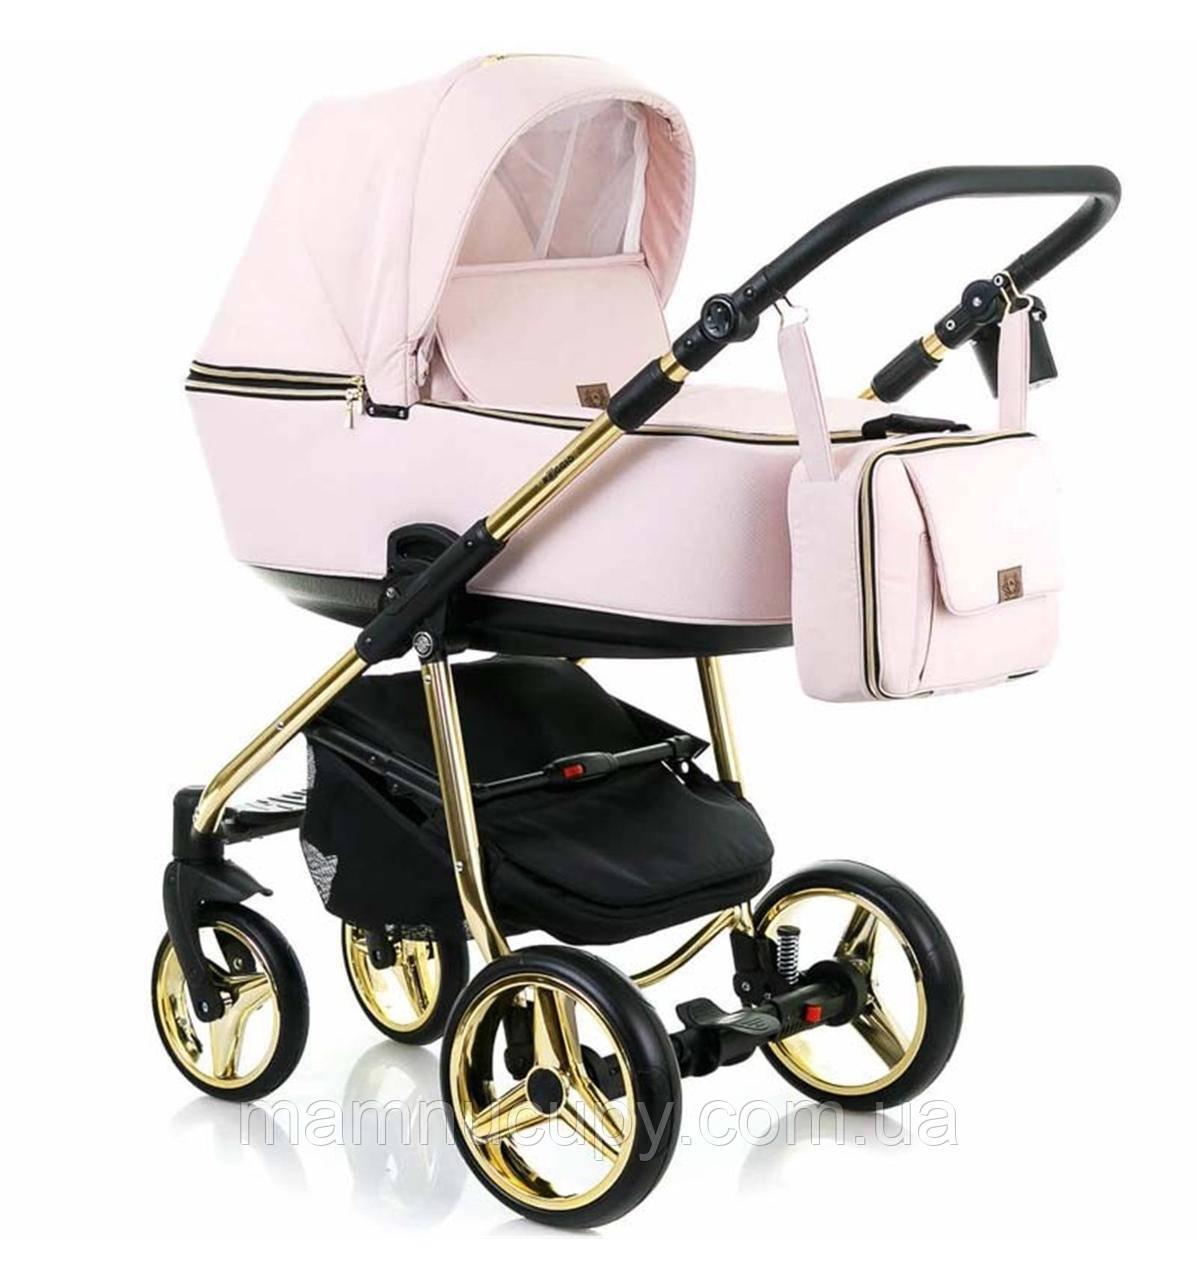 Детская универсальная коляска 2 в 1 Adamex Reggio Limited Chrom Y813 (адамекс реджио хром)